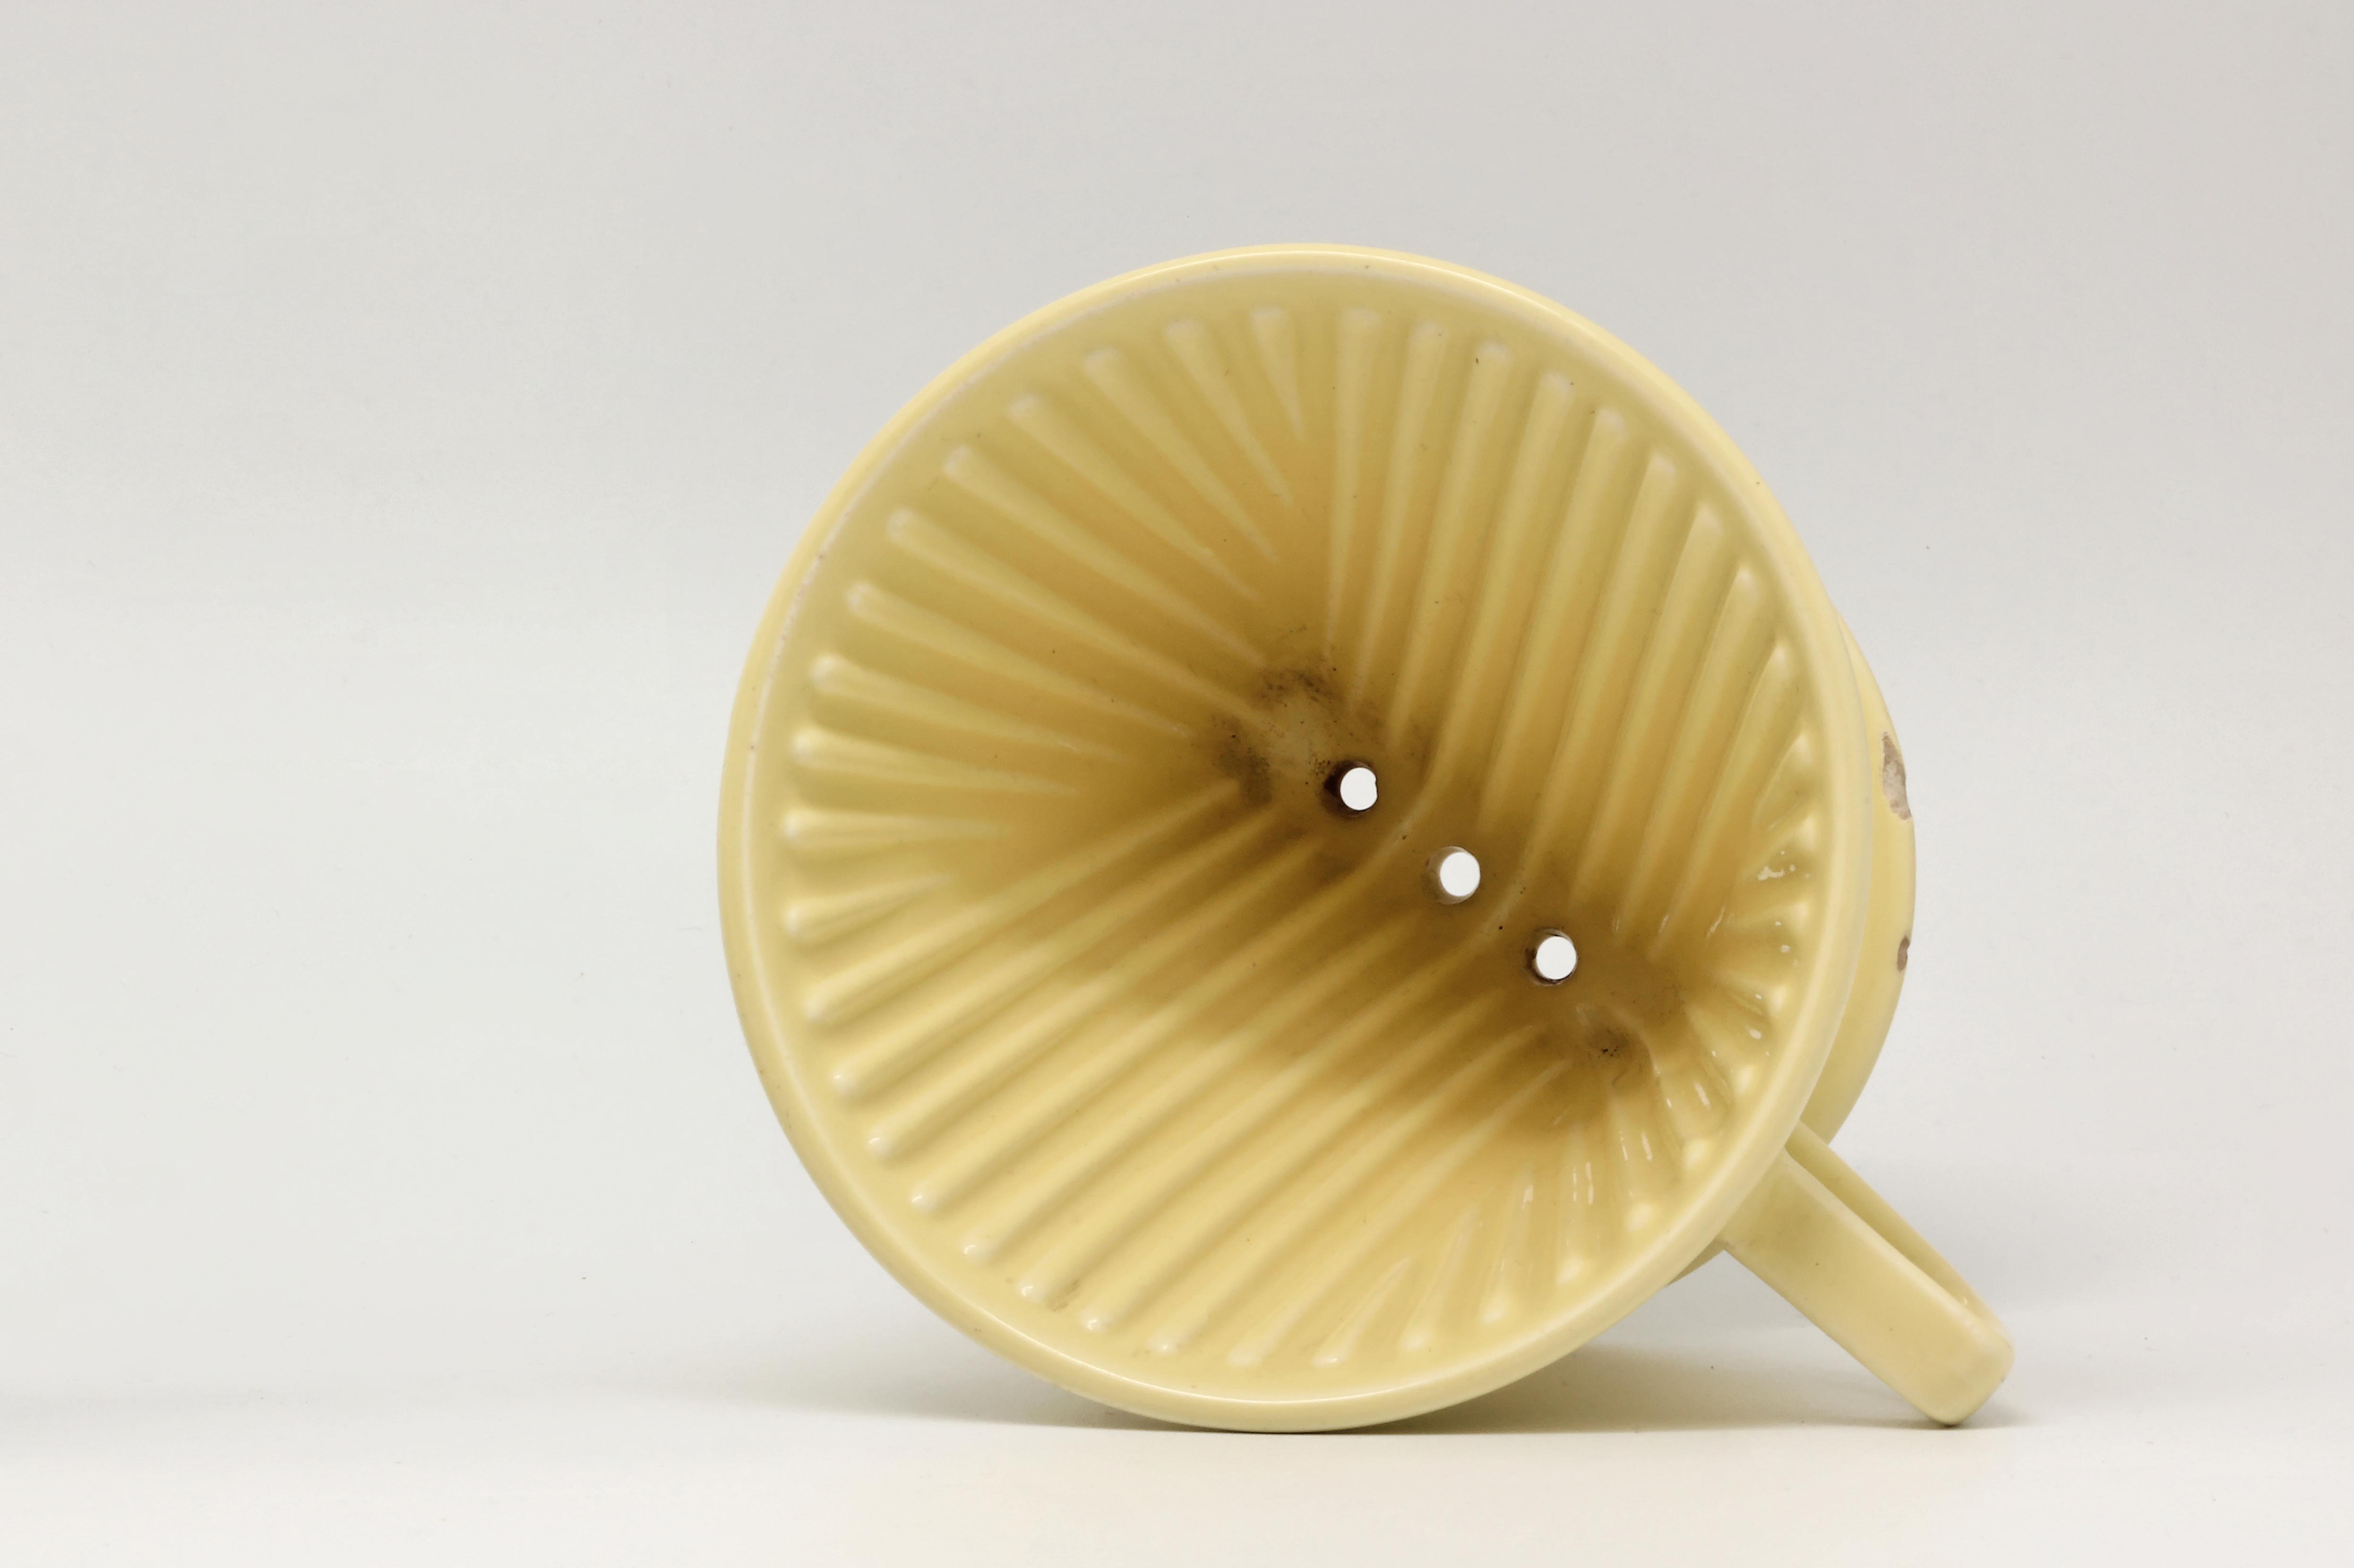 file cafeti re filtre melitta 102 en fa ence jaune 22. Black Bedroom Furniture Sets. Home Design Ideas